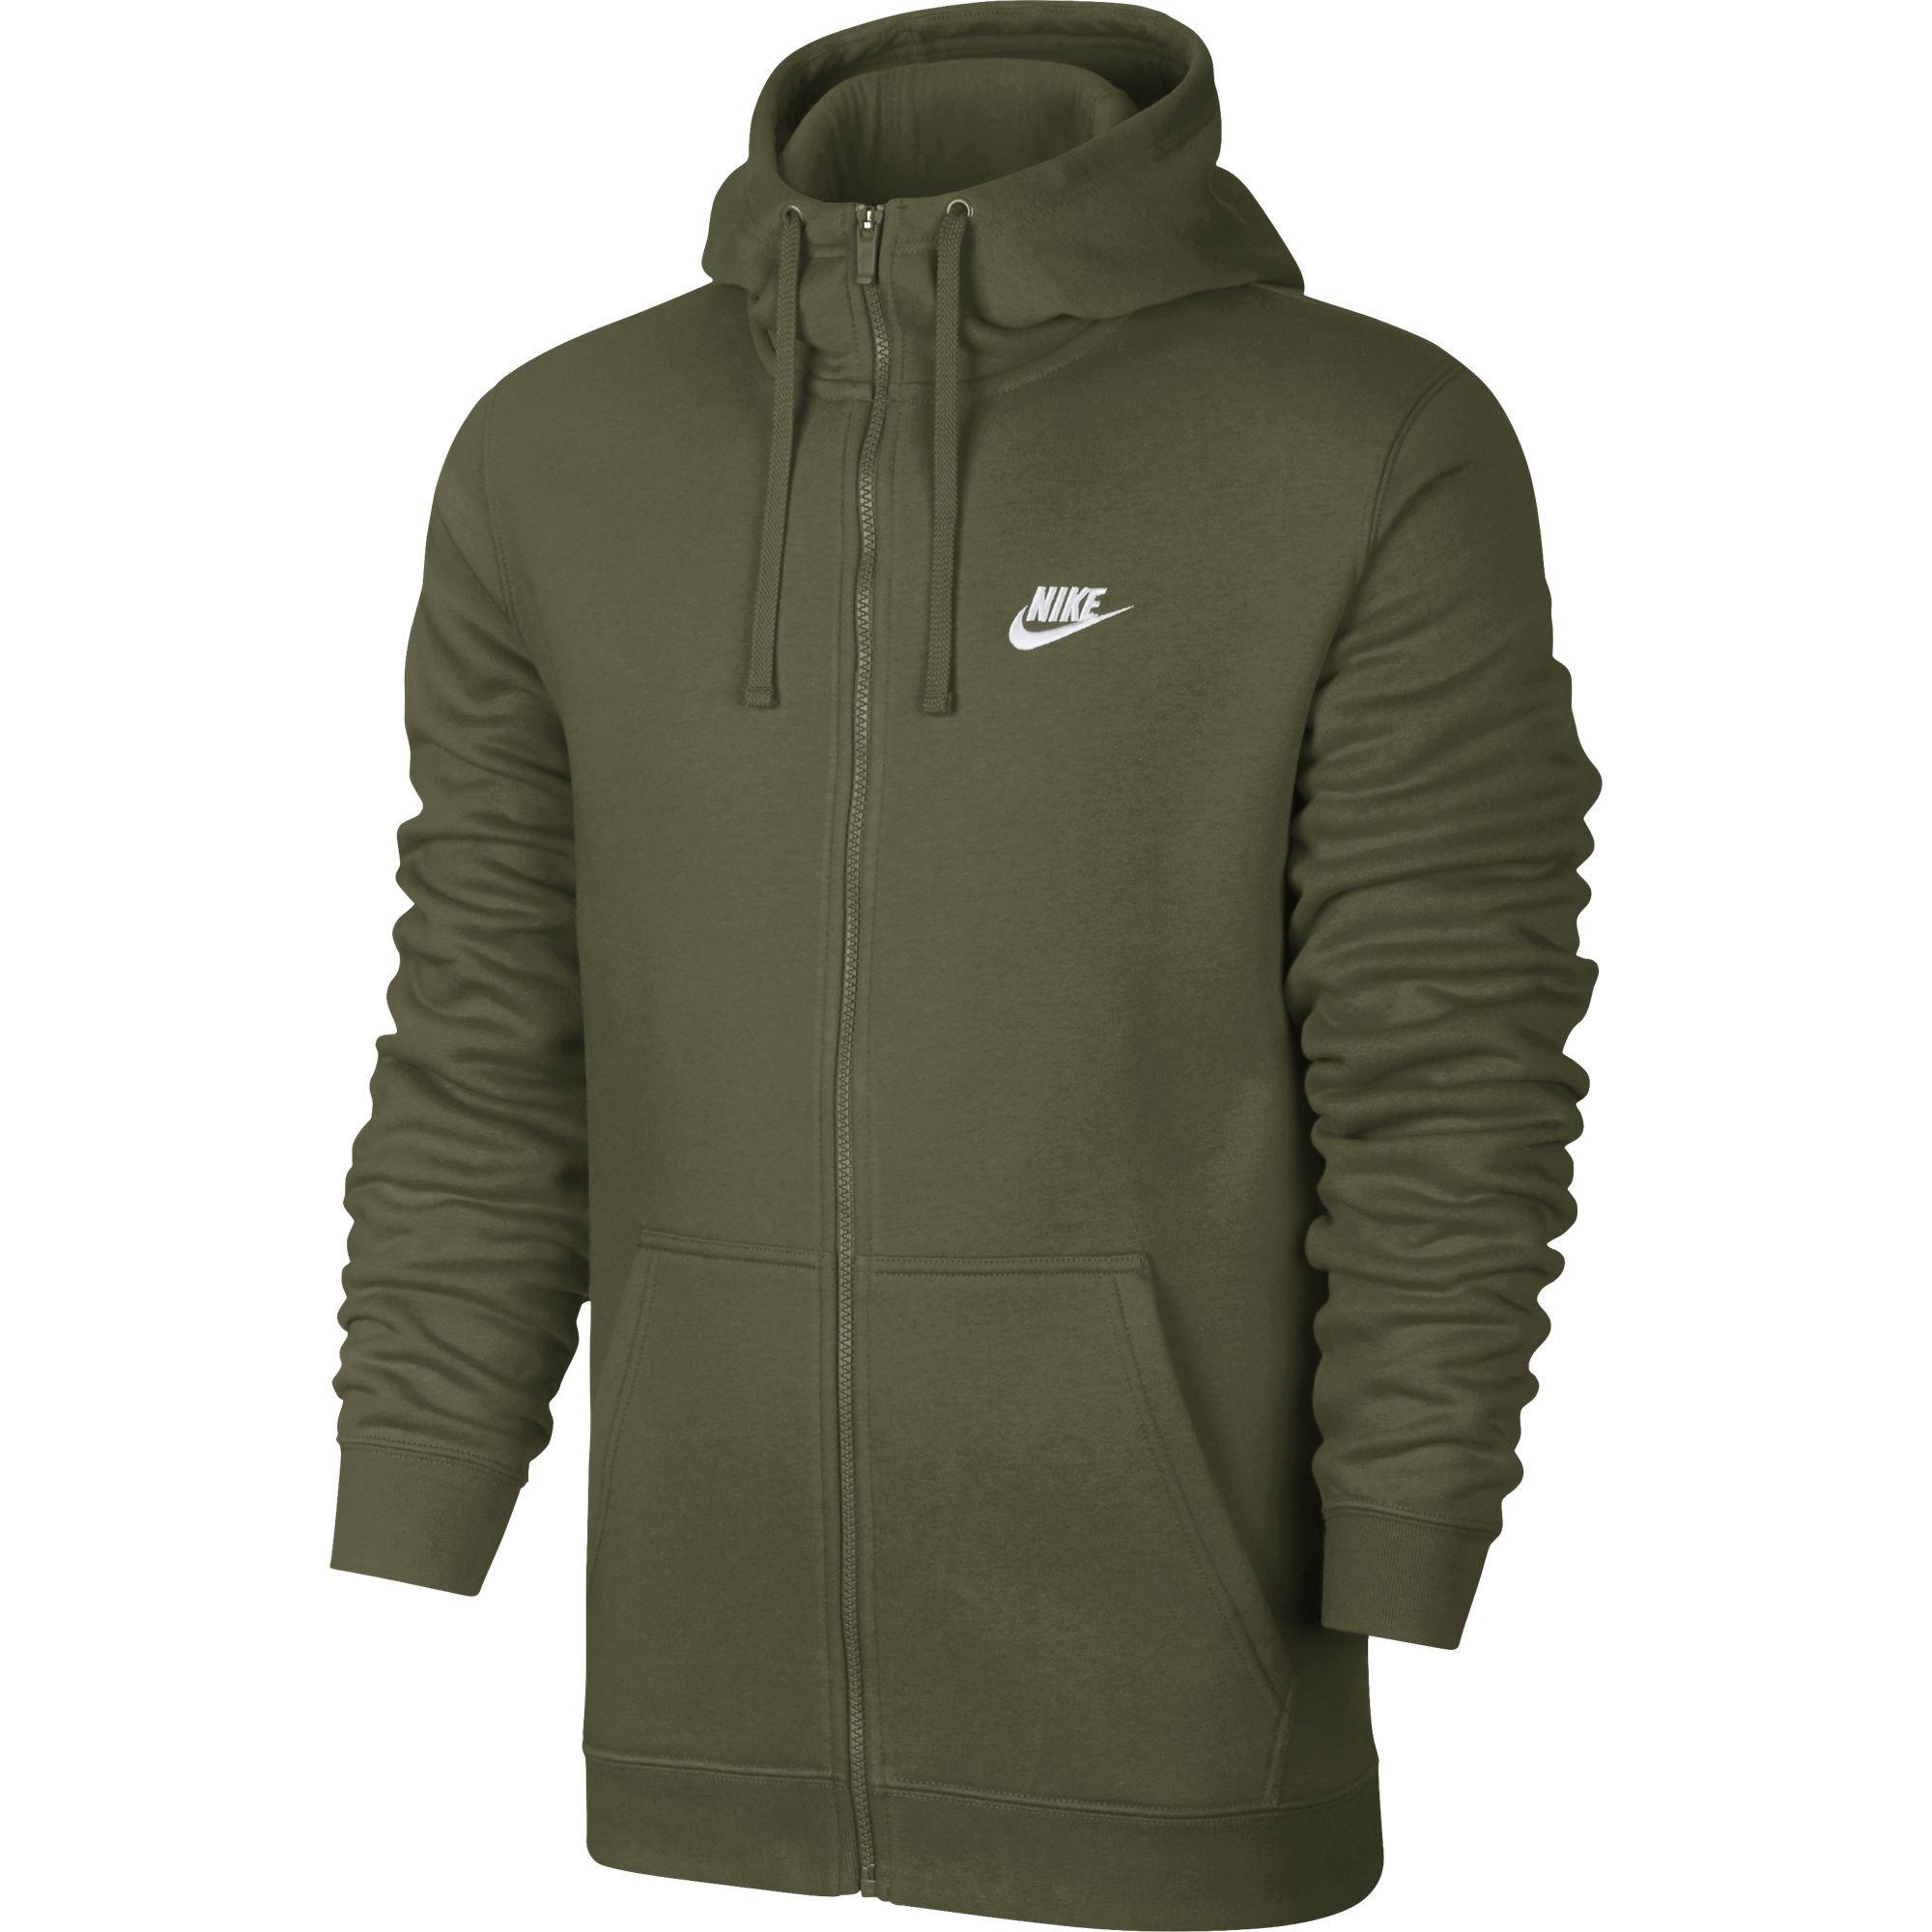 Nike NSW Club Fleece Hoodie Mens 804389 395 Olive Green Full Zip Hoody Size L